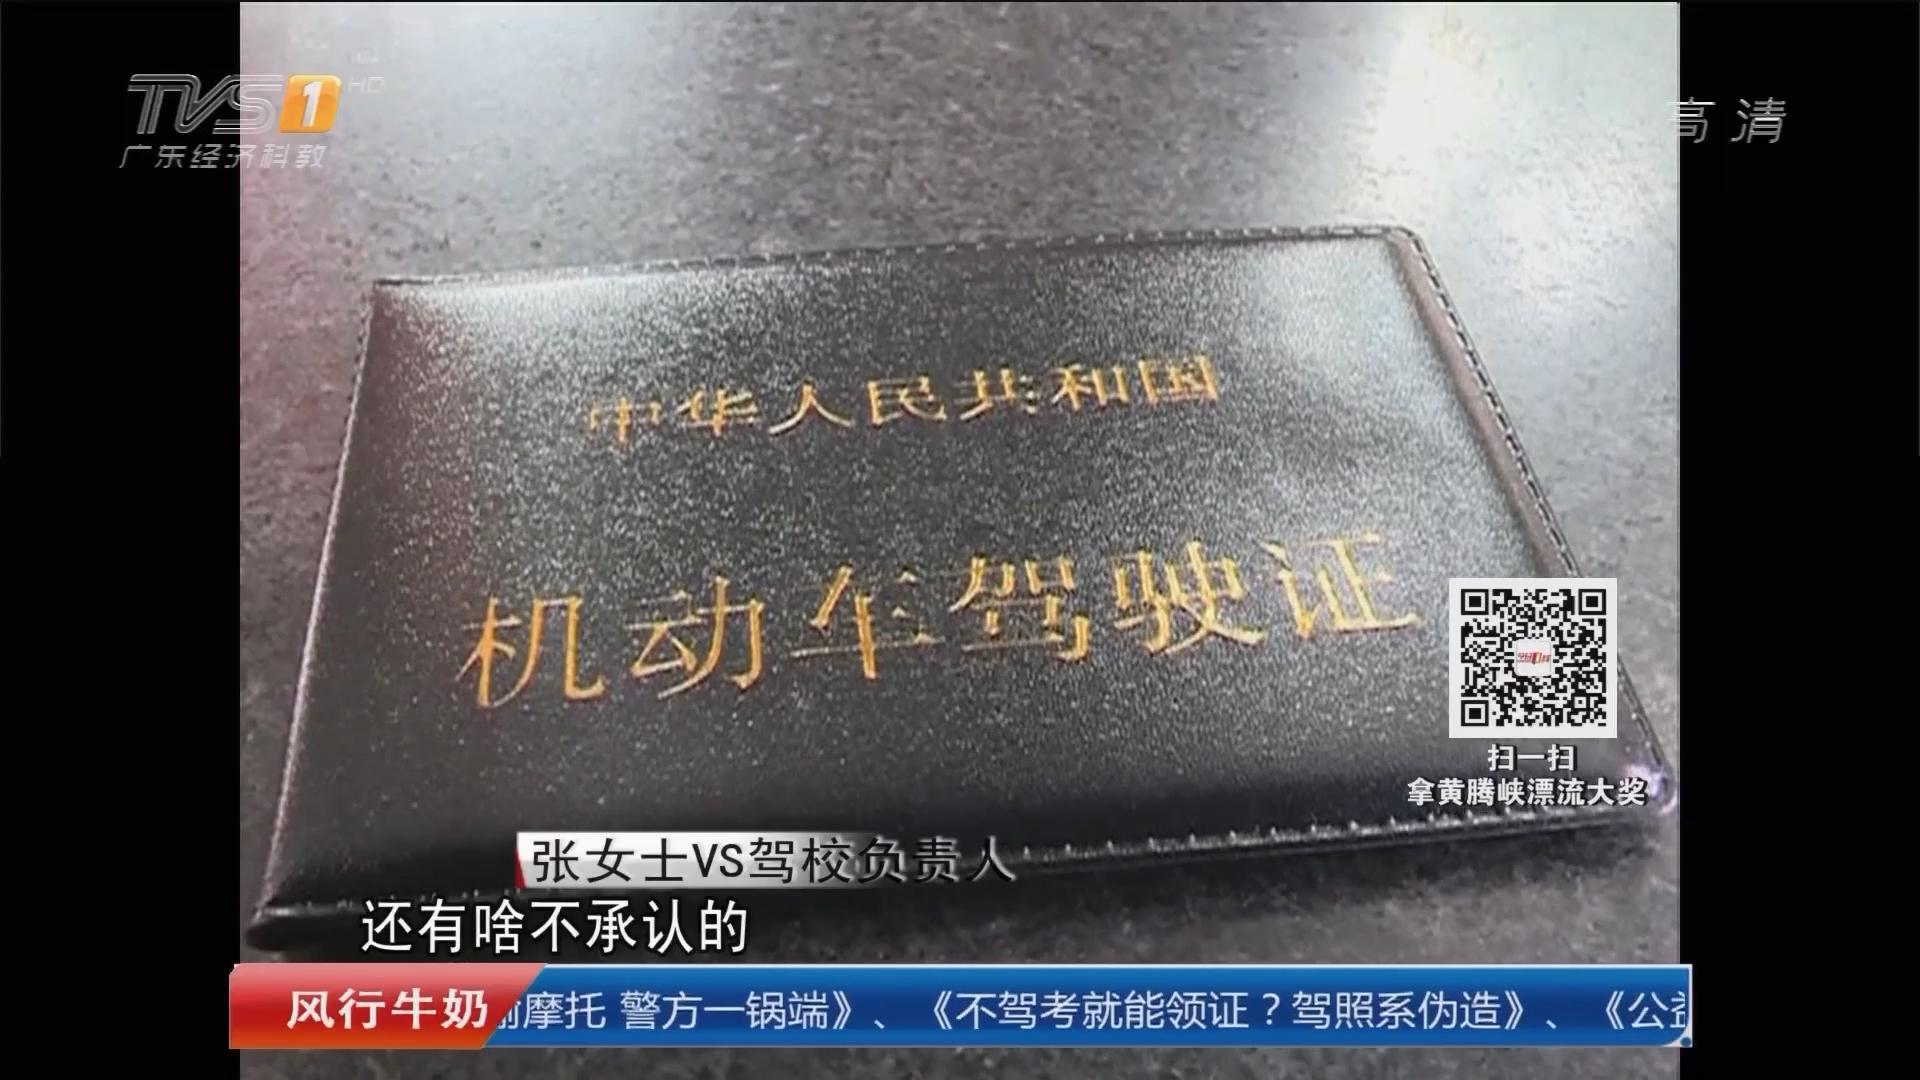 深圳:不驾考就能领证?驾照系伪造